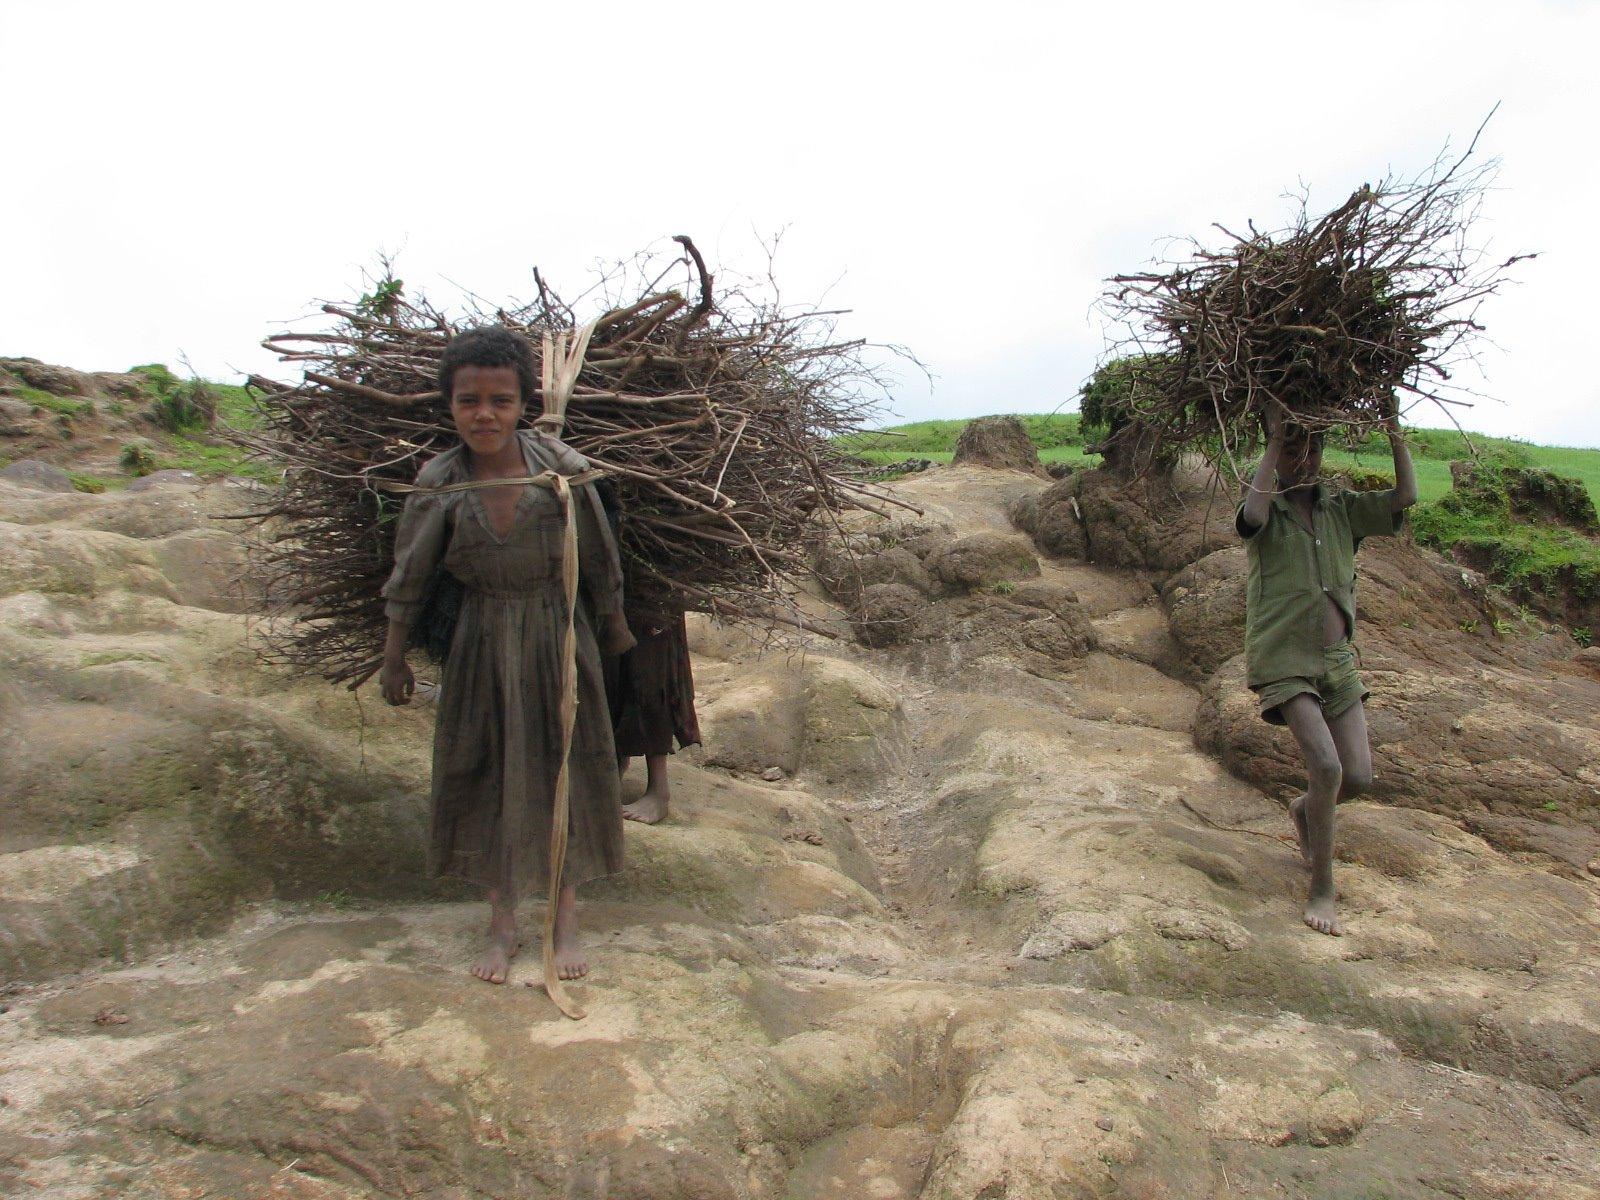 Ethiopia6 DvoraFreedman